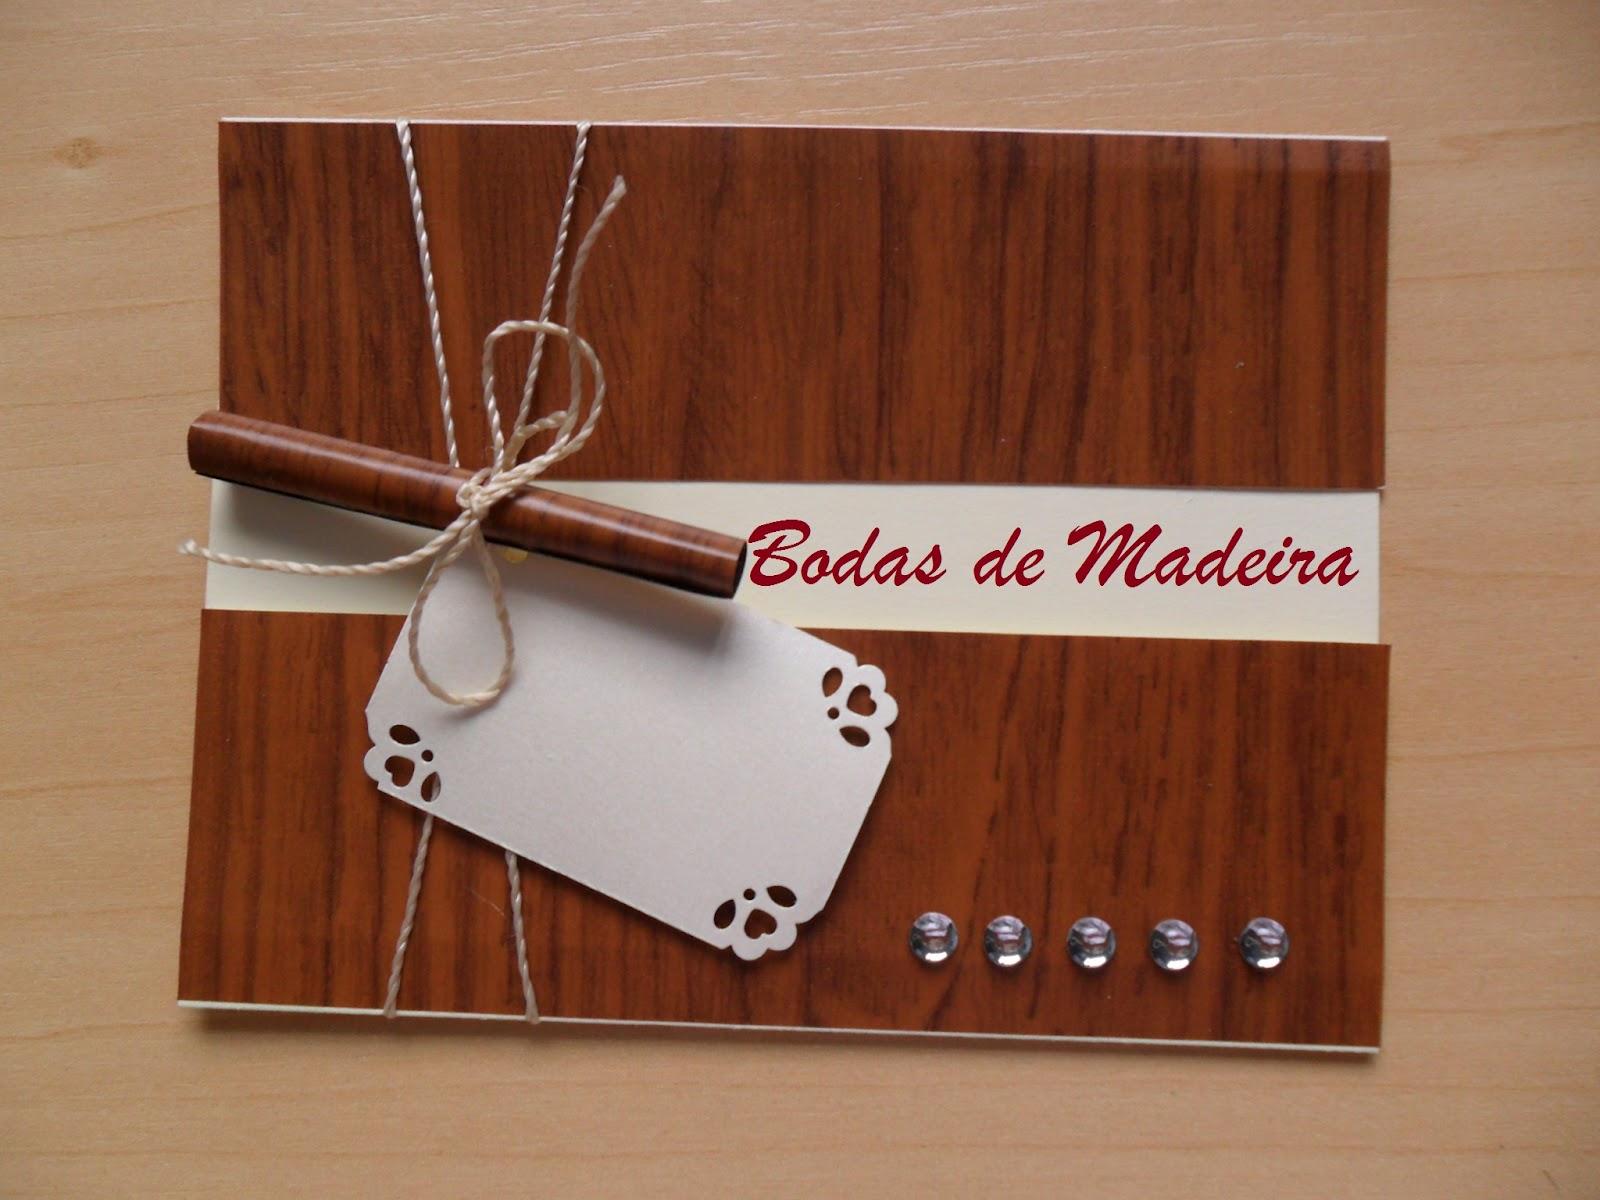 de Alini Lollrrani ***: Modelos de convite de Bodas de Madeira #672C17 1600x1200